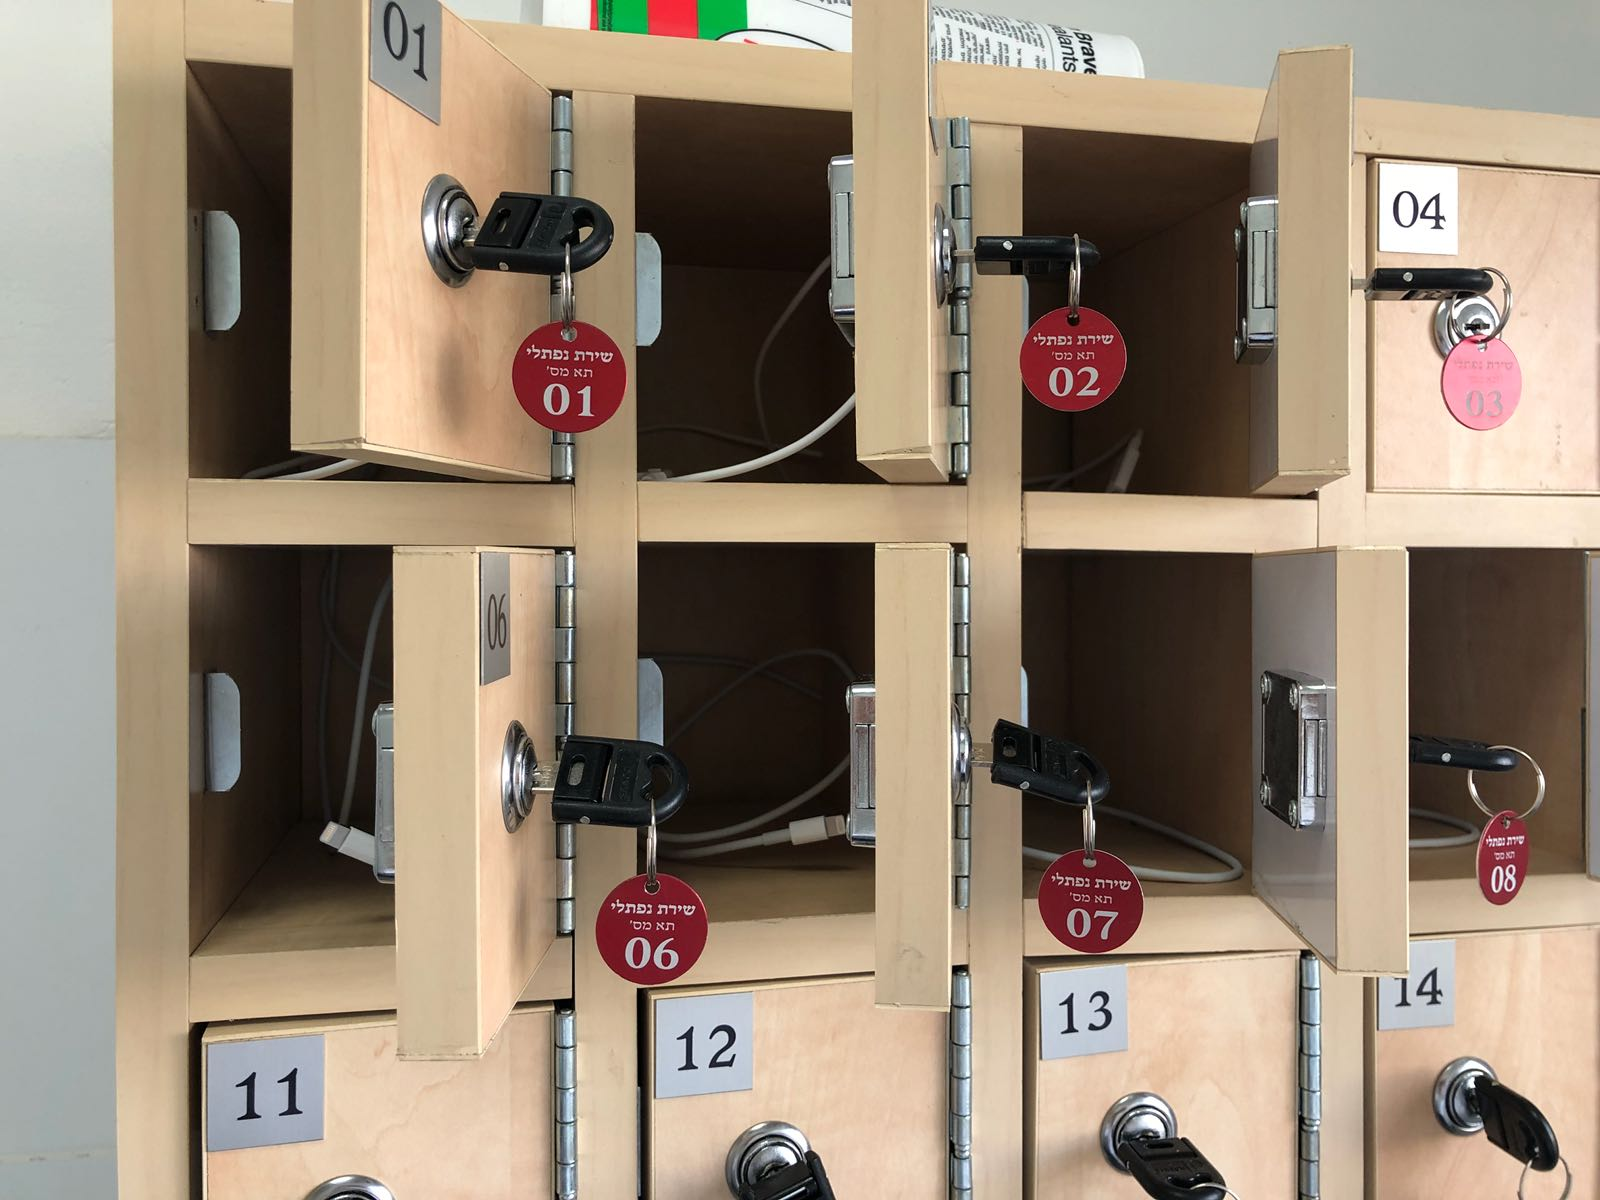 הסטארטאפ של גבאי בית הכנסת: מטען בלוקר